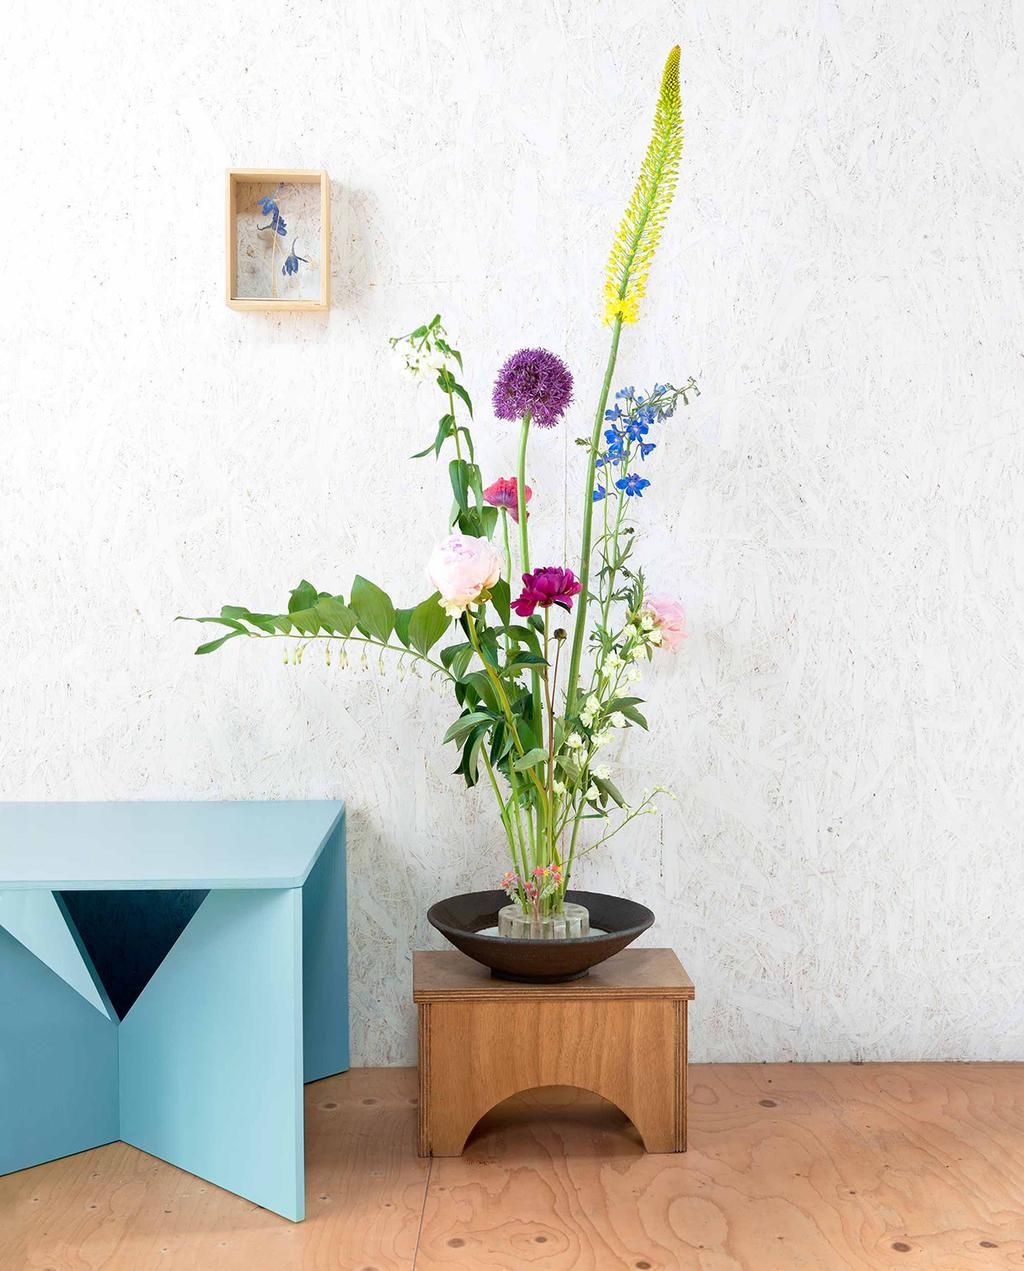 vtwonen 08-2016   kleurrijk boeket bloemen op krukje   kunstbloemen